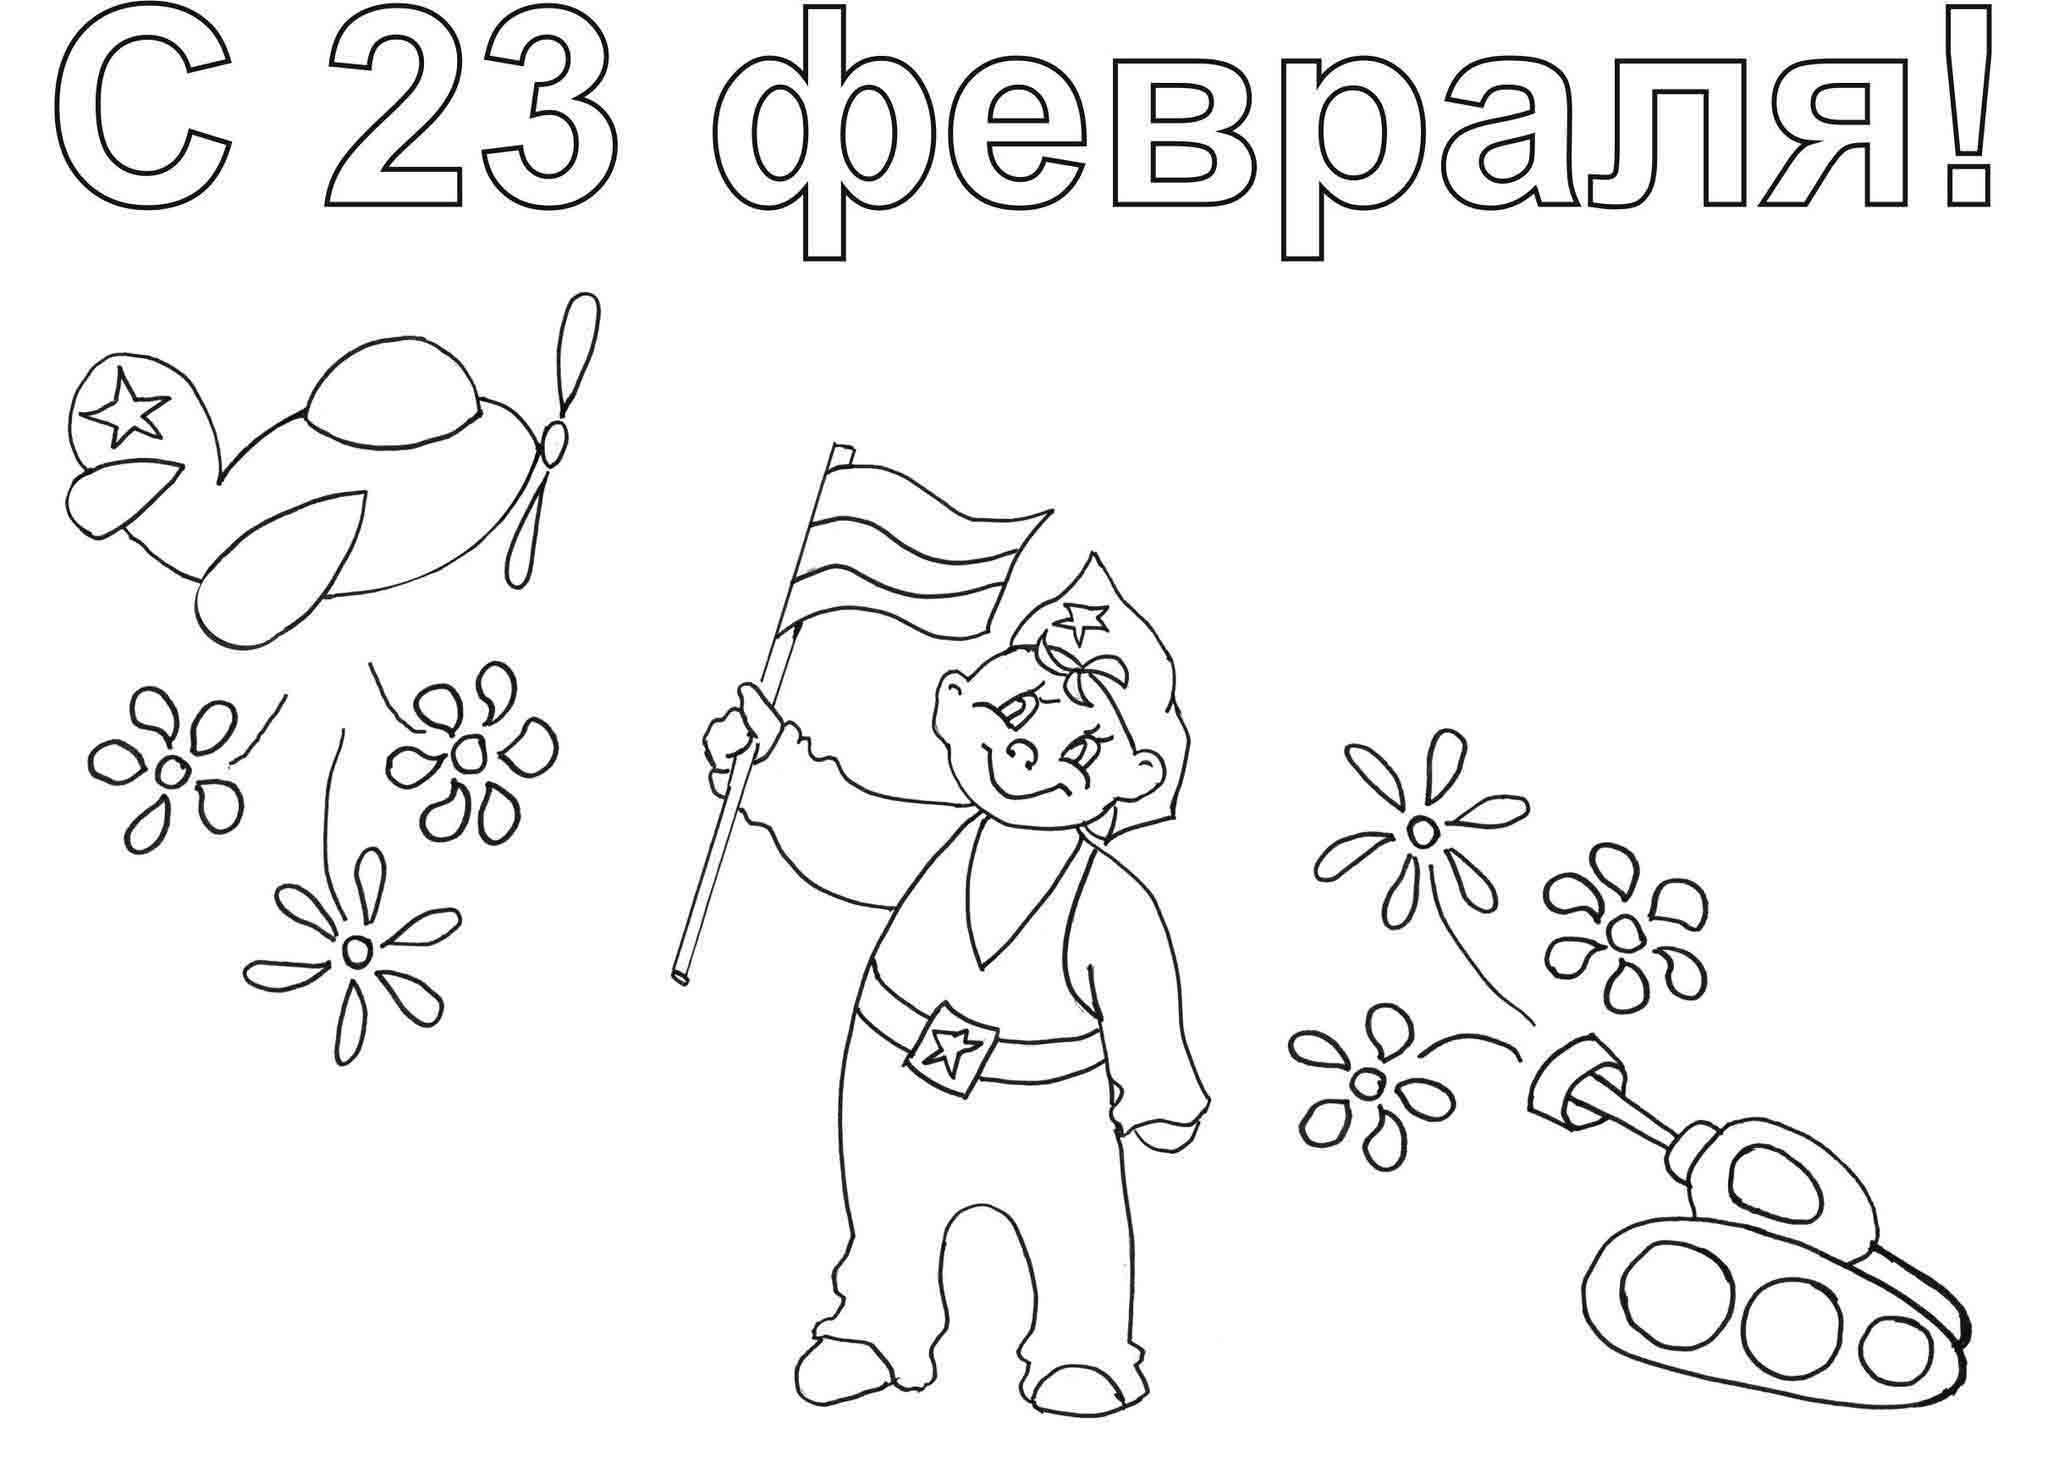 ❶Картинки к 23 февраля карандашом|С 23 февраля морской флот|Family Bungalo, Zelenaya Polyana, Russia - ldsscholar.com||}